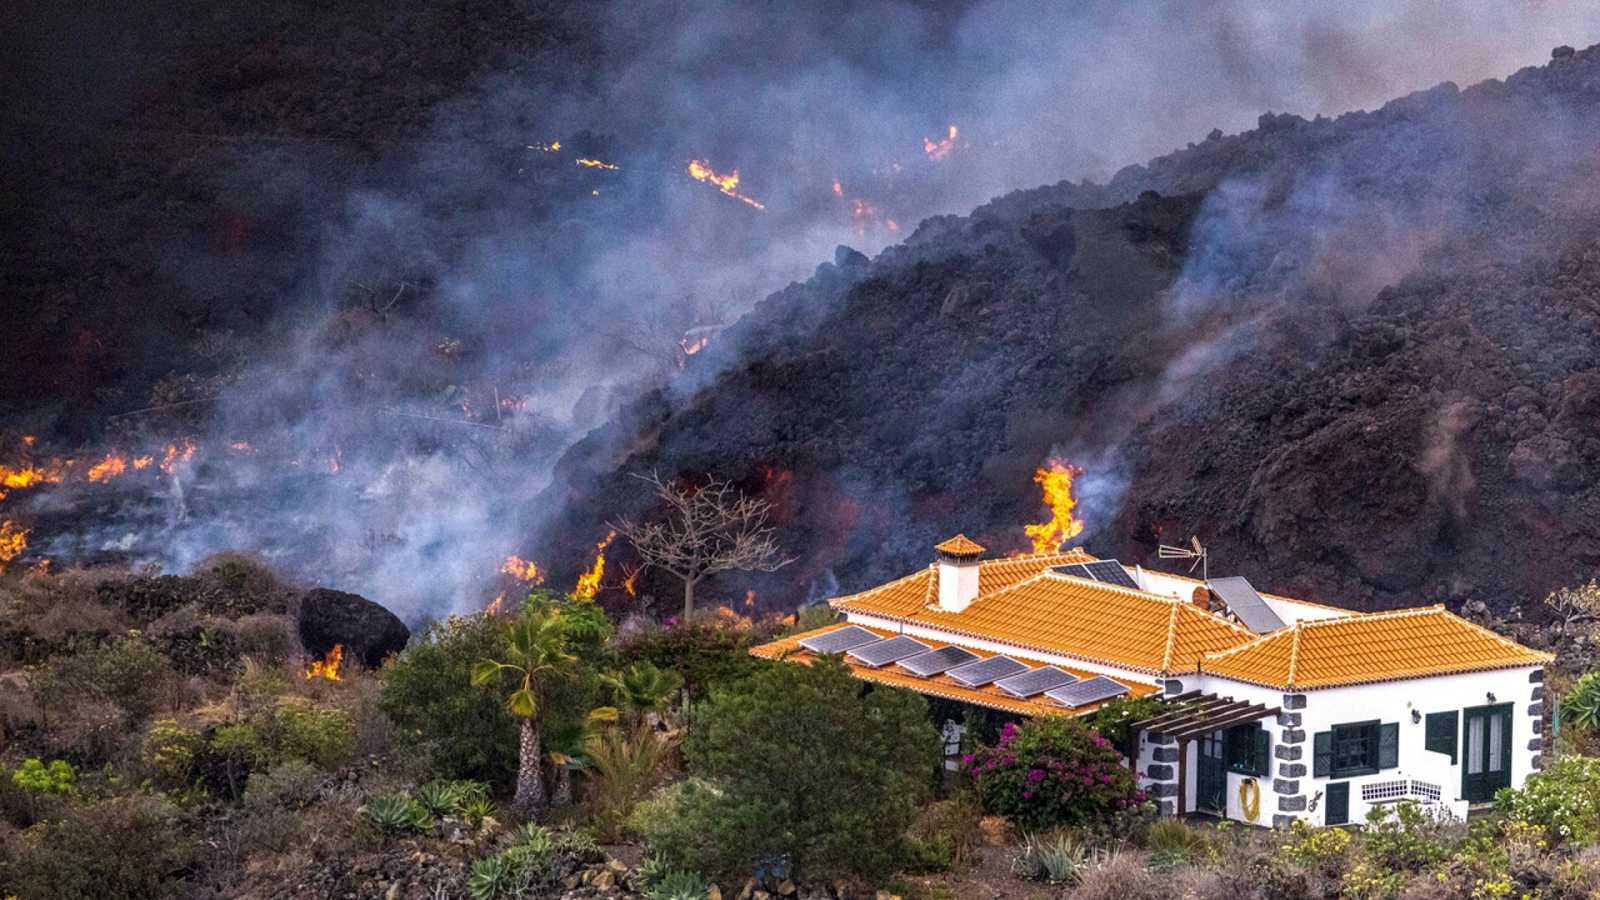 La lava del volcán de La Palma se extiende ya por 180 hectáreas - Ver ahora